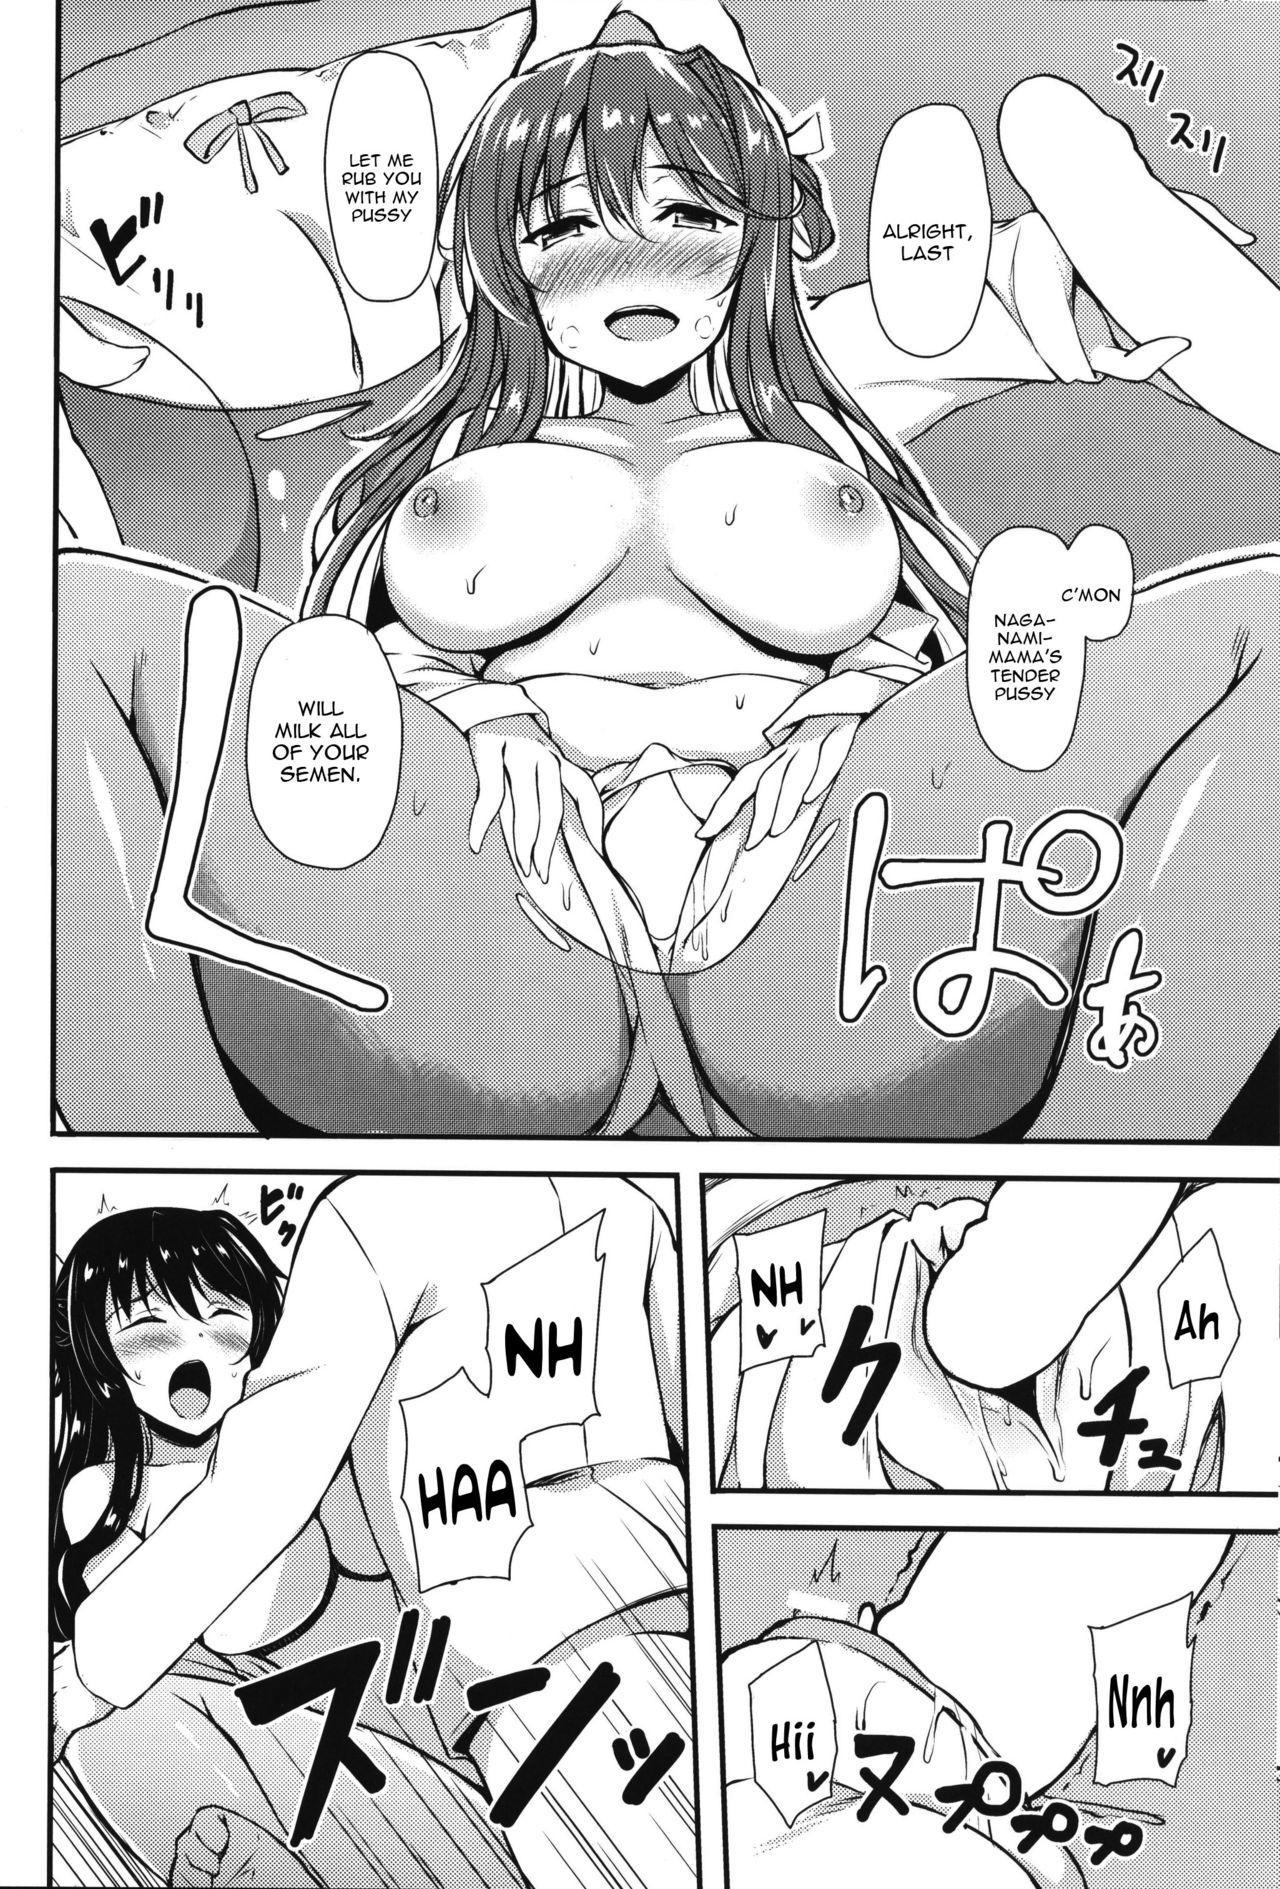 Hishokan no Naganami-sama 12